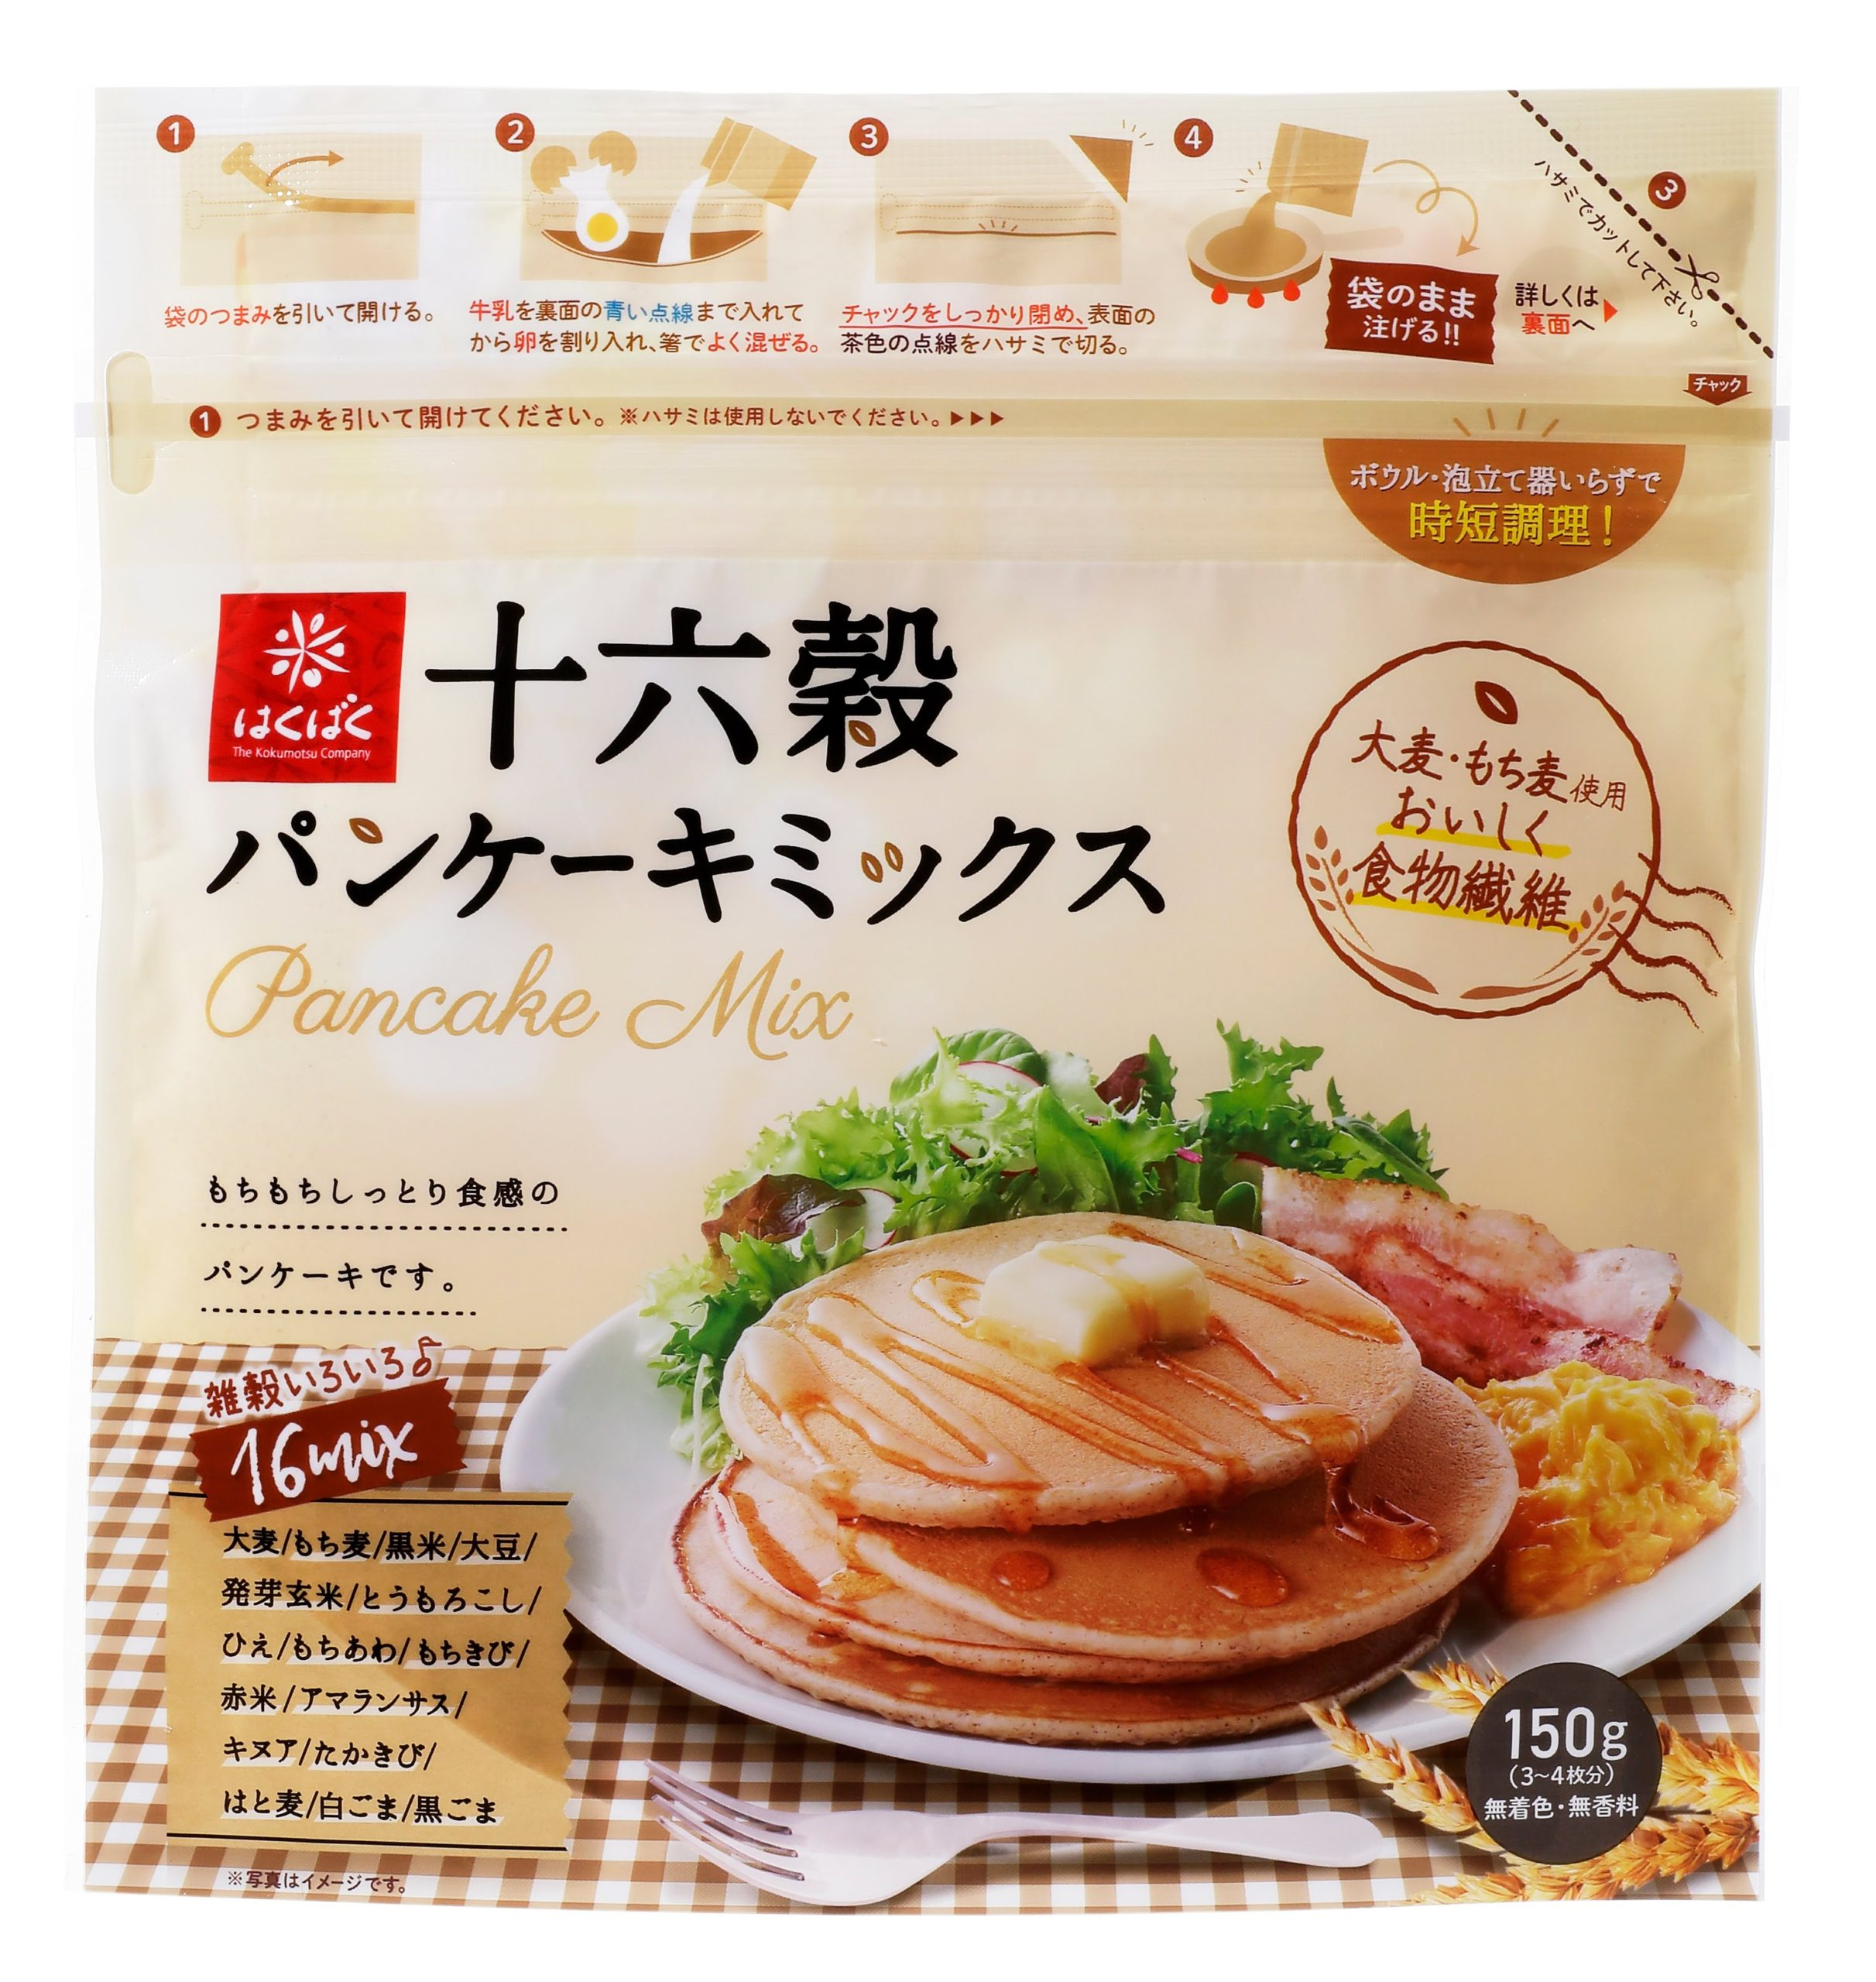 十六穀パンケーキミックス商品画像